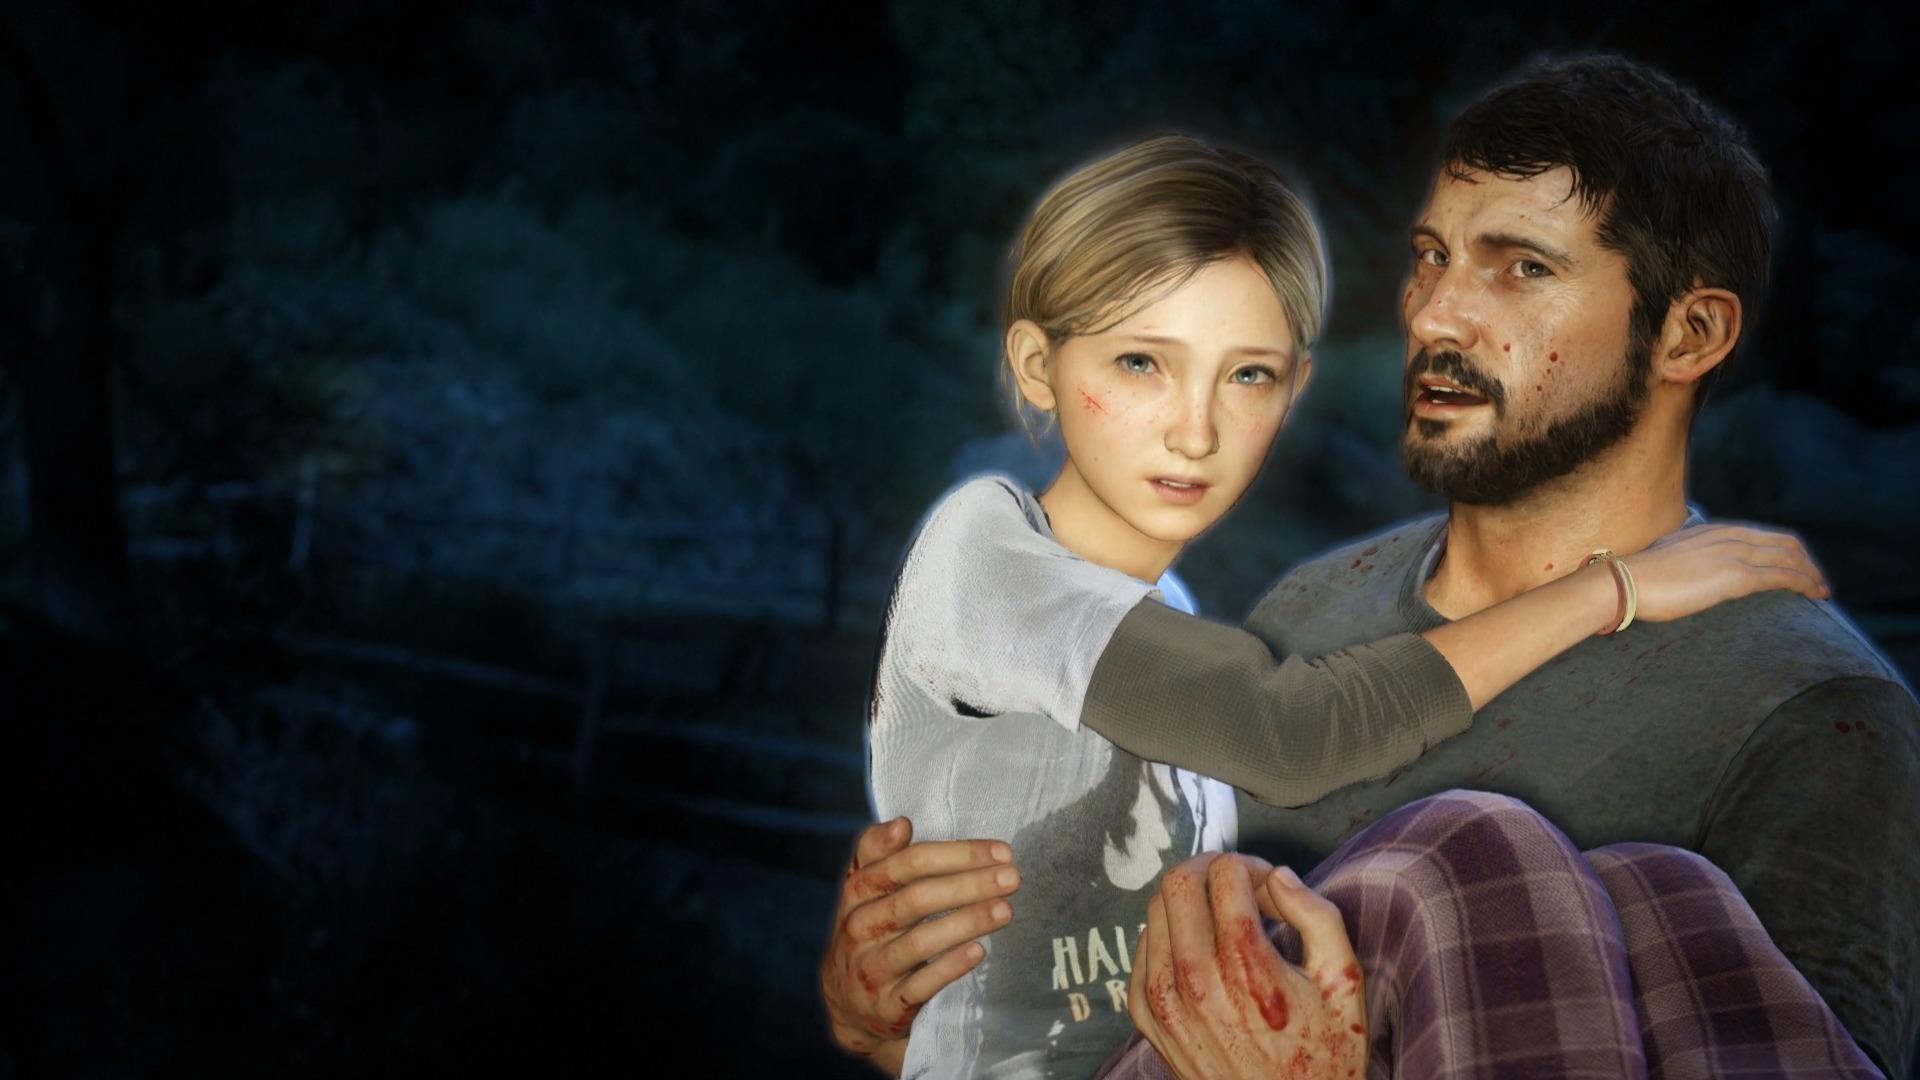 """Analisi di Ellie, uno dei personaggi più importanti e iconici di uno dei giochi più importanti di sempre: """"The Last of Us""""."""